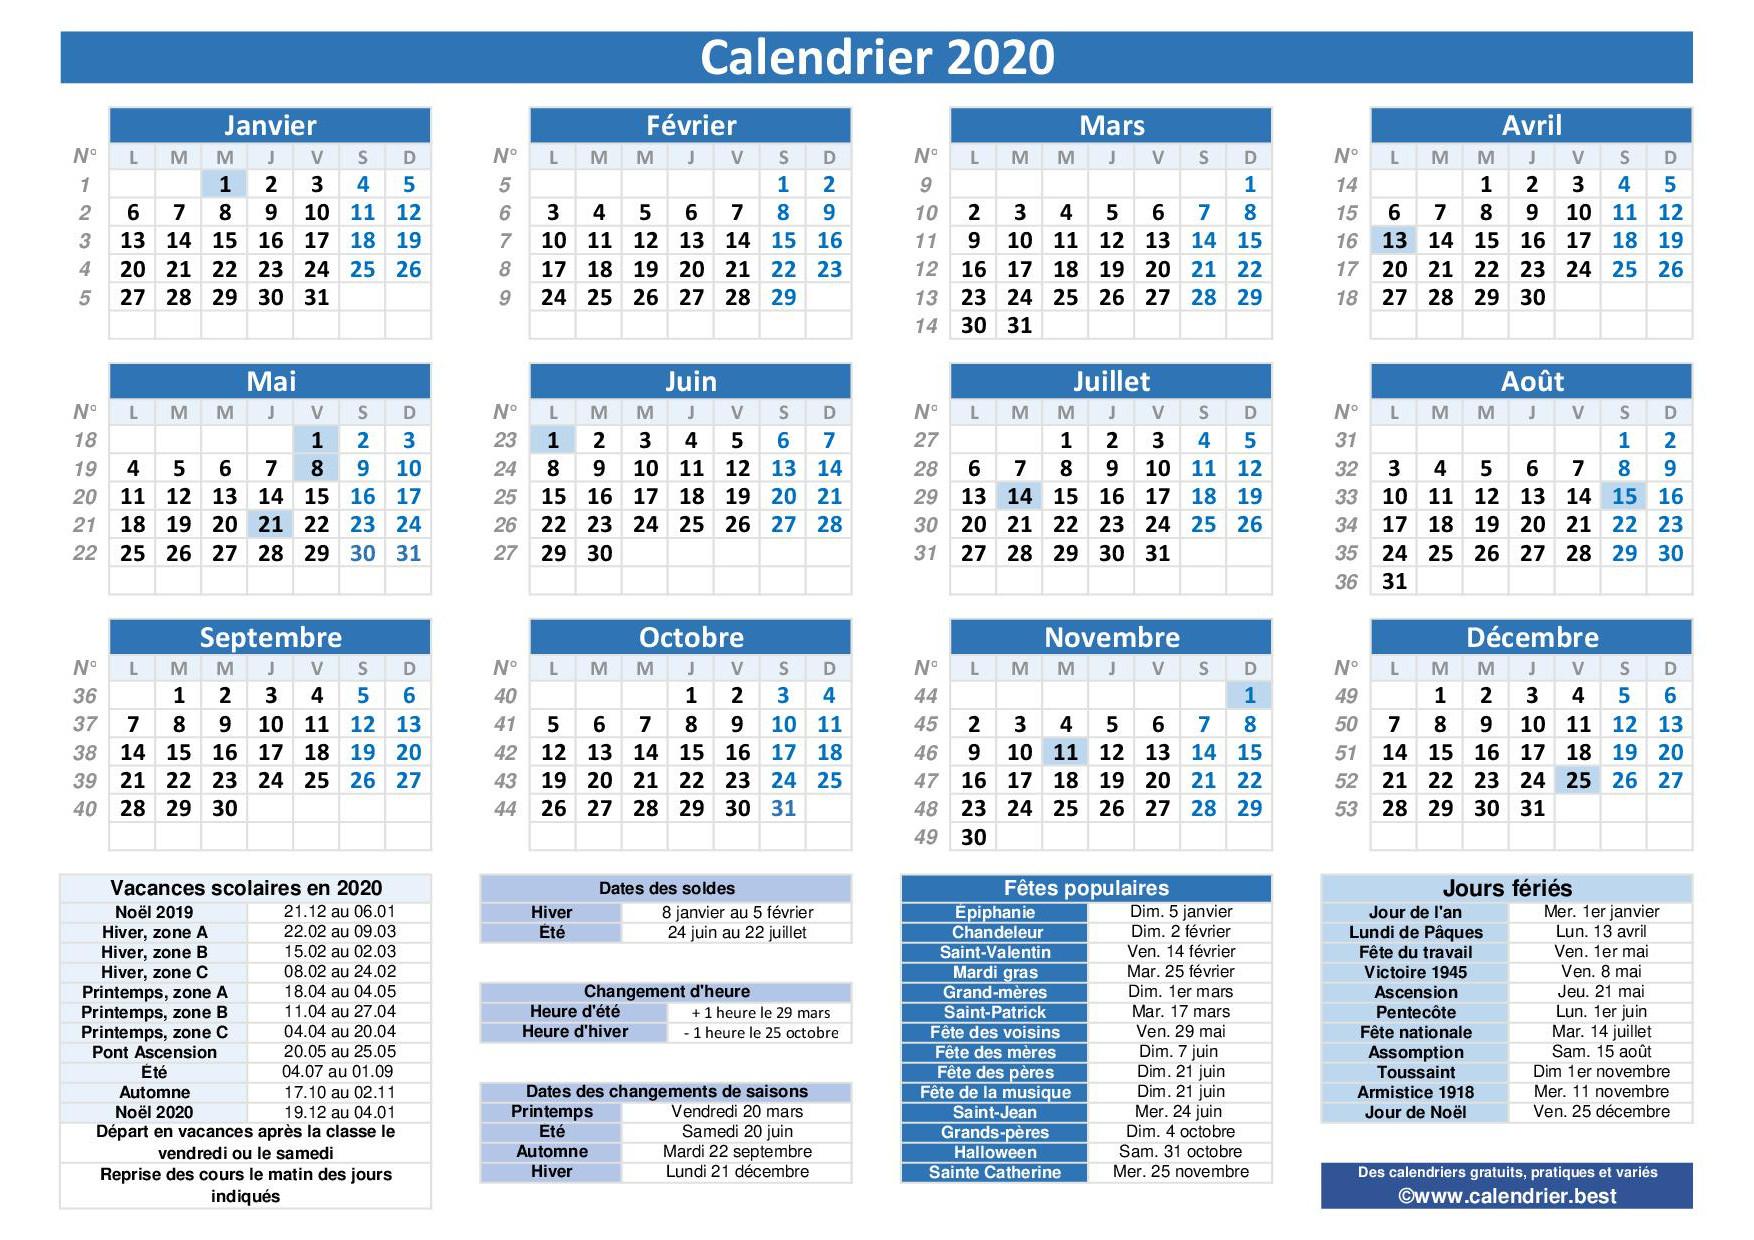 Calendrier 2020 Avec Jours Fériés Et Dates Utiles À Imprimer concernant Calendrier 2019 Avec Jours Fériés Vacances Scolaires À Imprimer